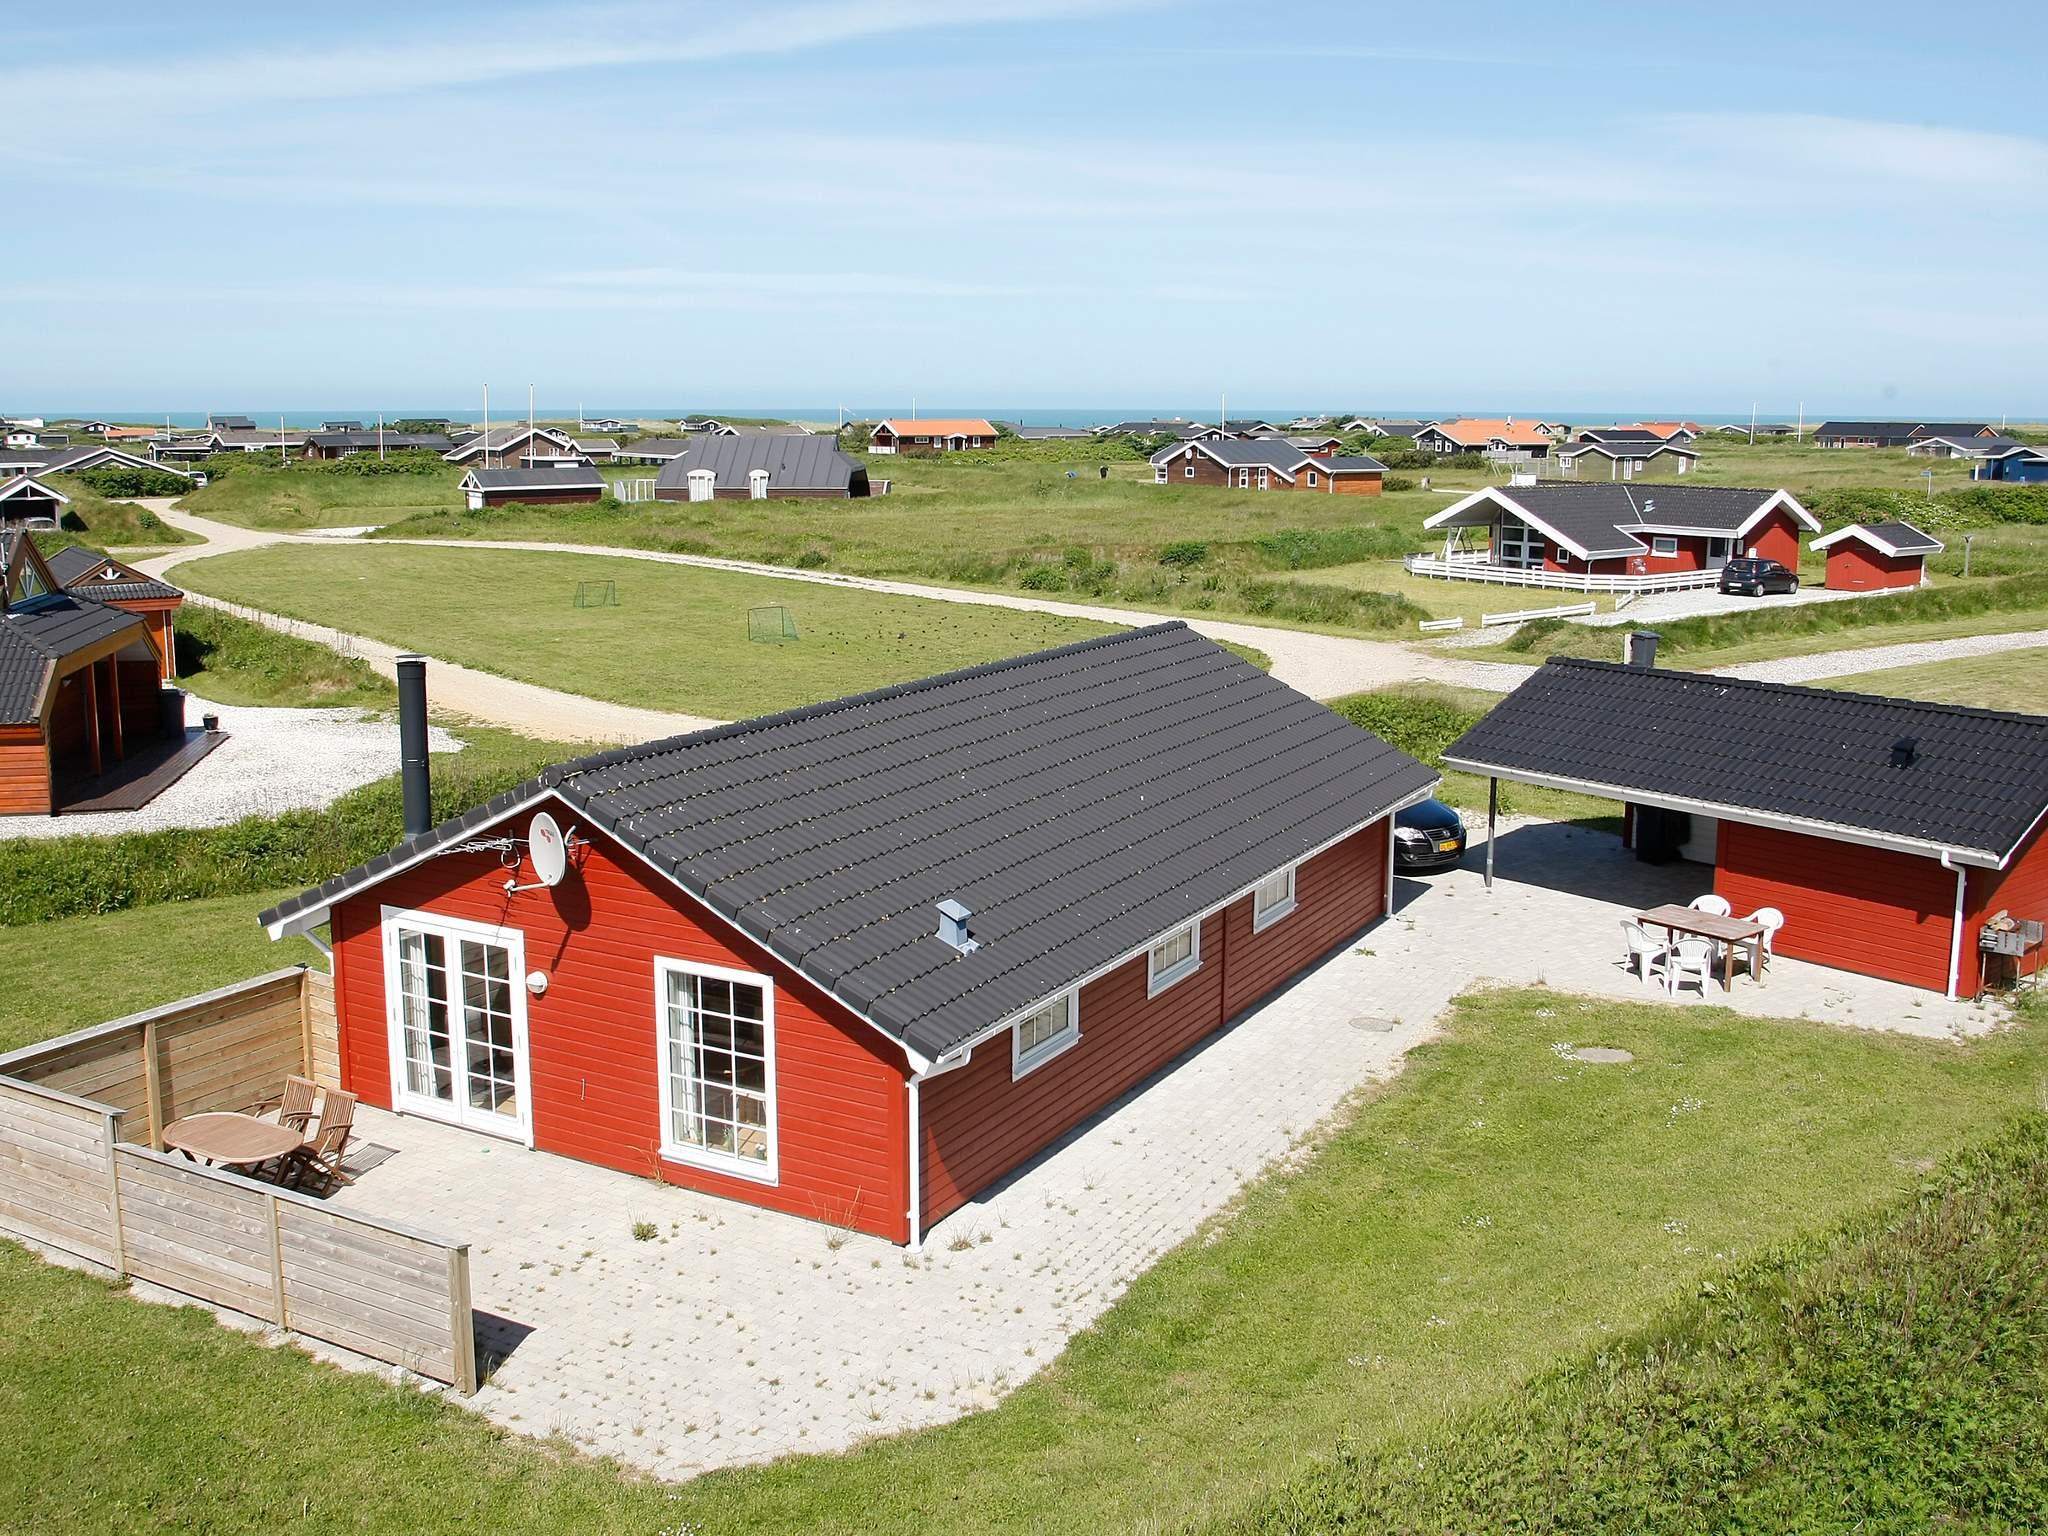 Ferienhaus Løkken (84081), Løkken, , Nordwestjütland, Dänemark, Bild 1